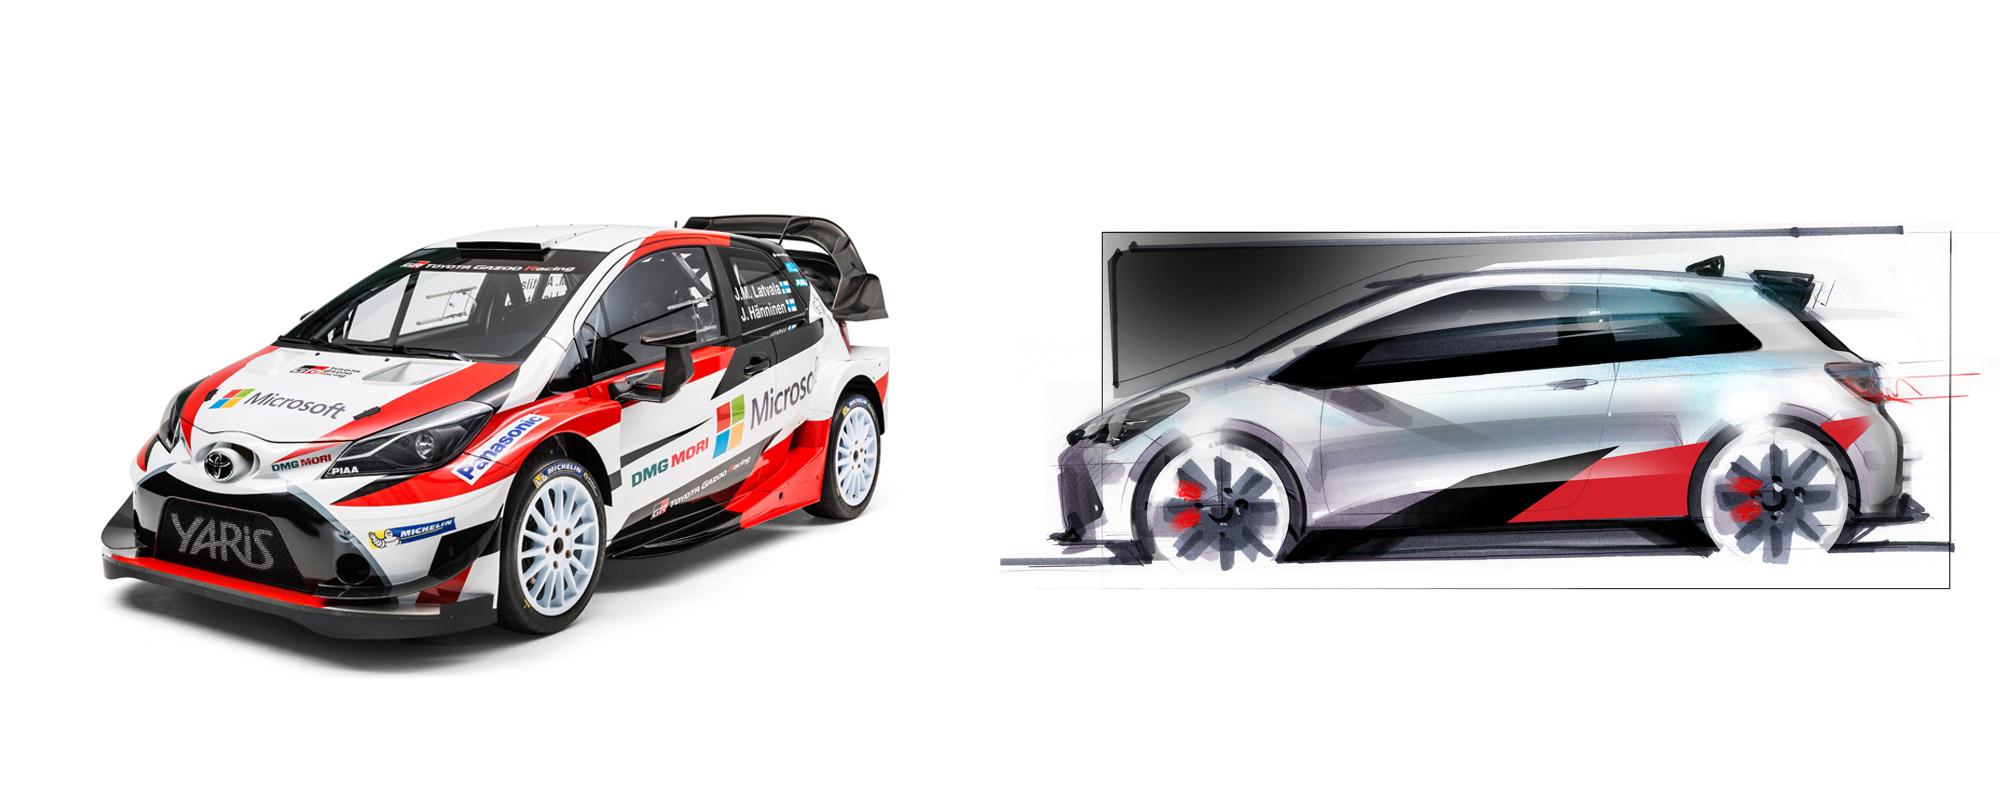 Toyota Yaris WRC maakt zich op voor WRC 2017